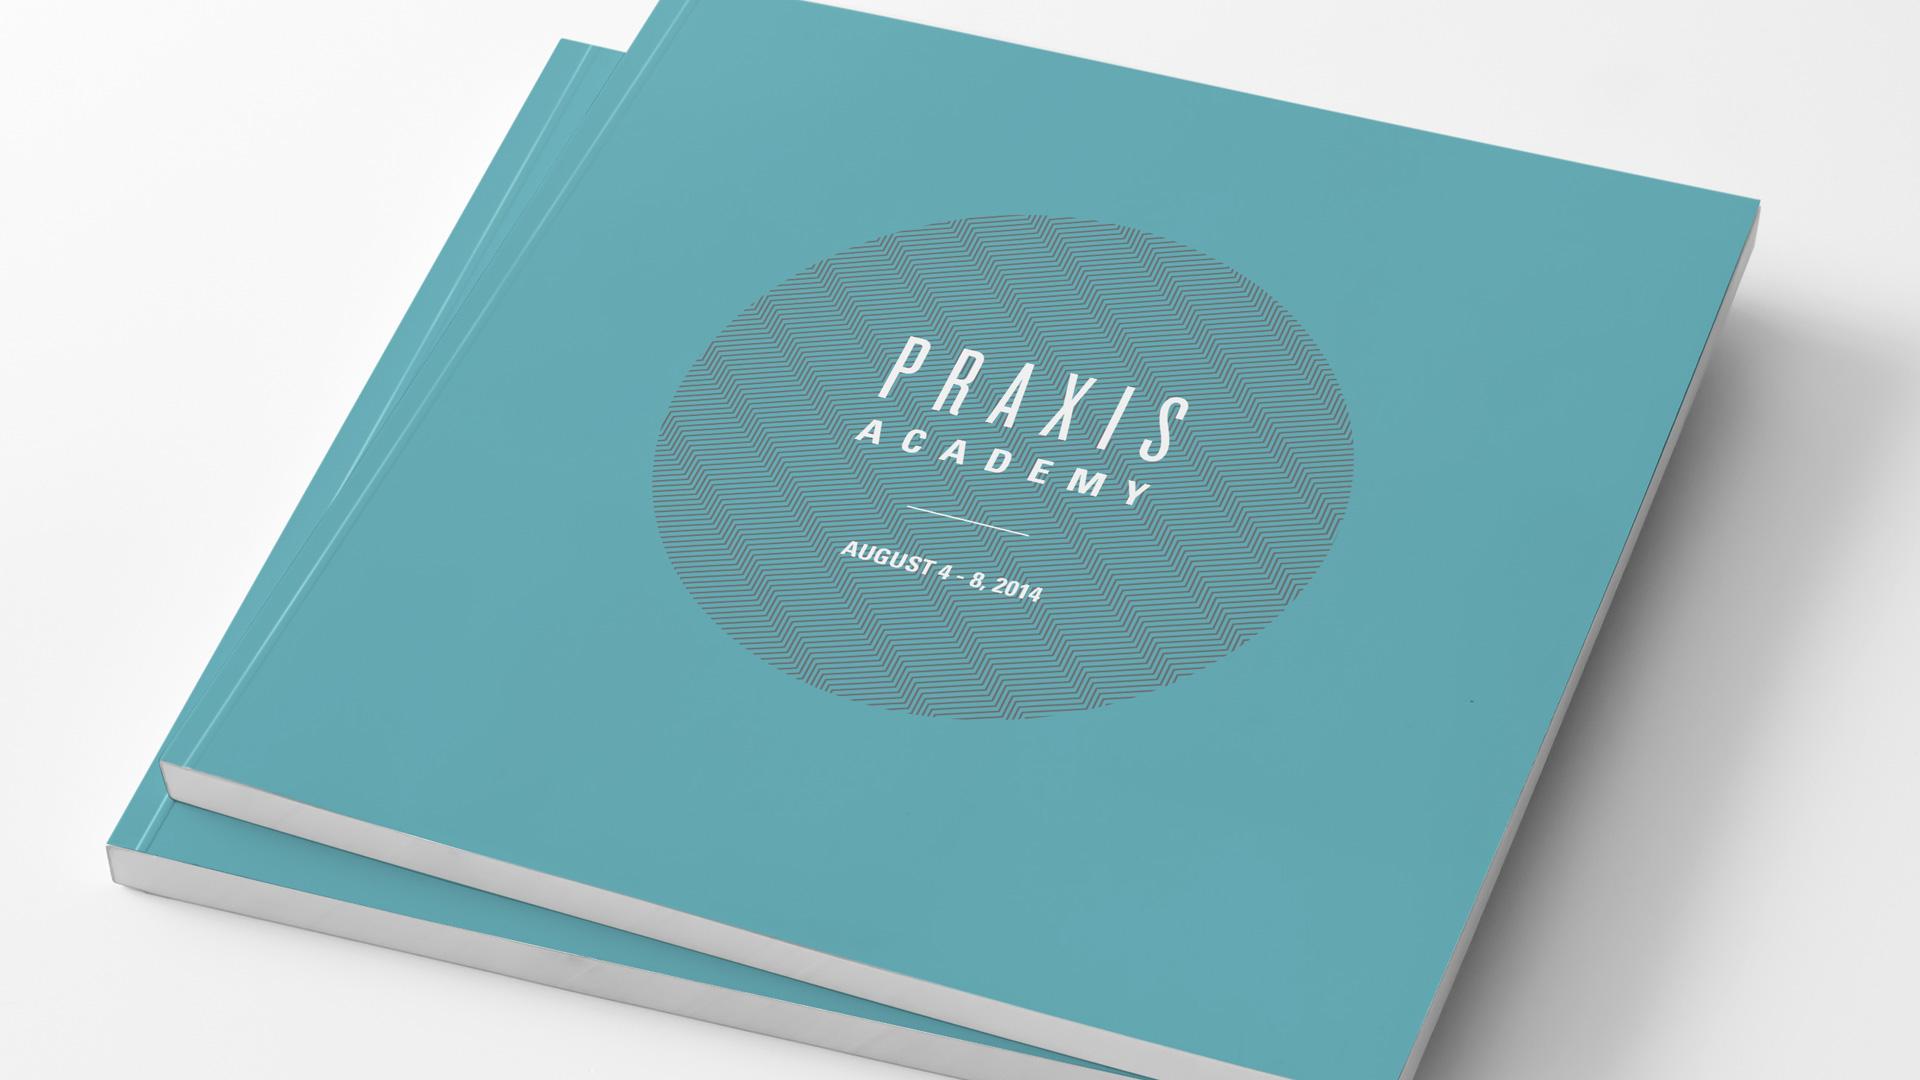 praxis-academy-cover.jpg